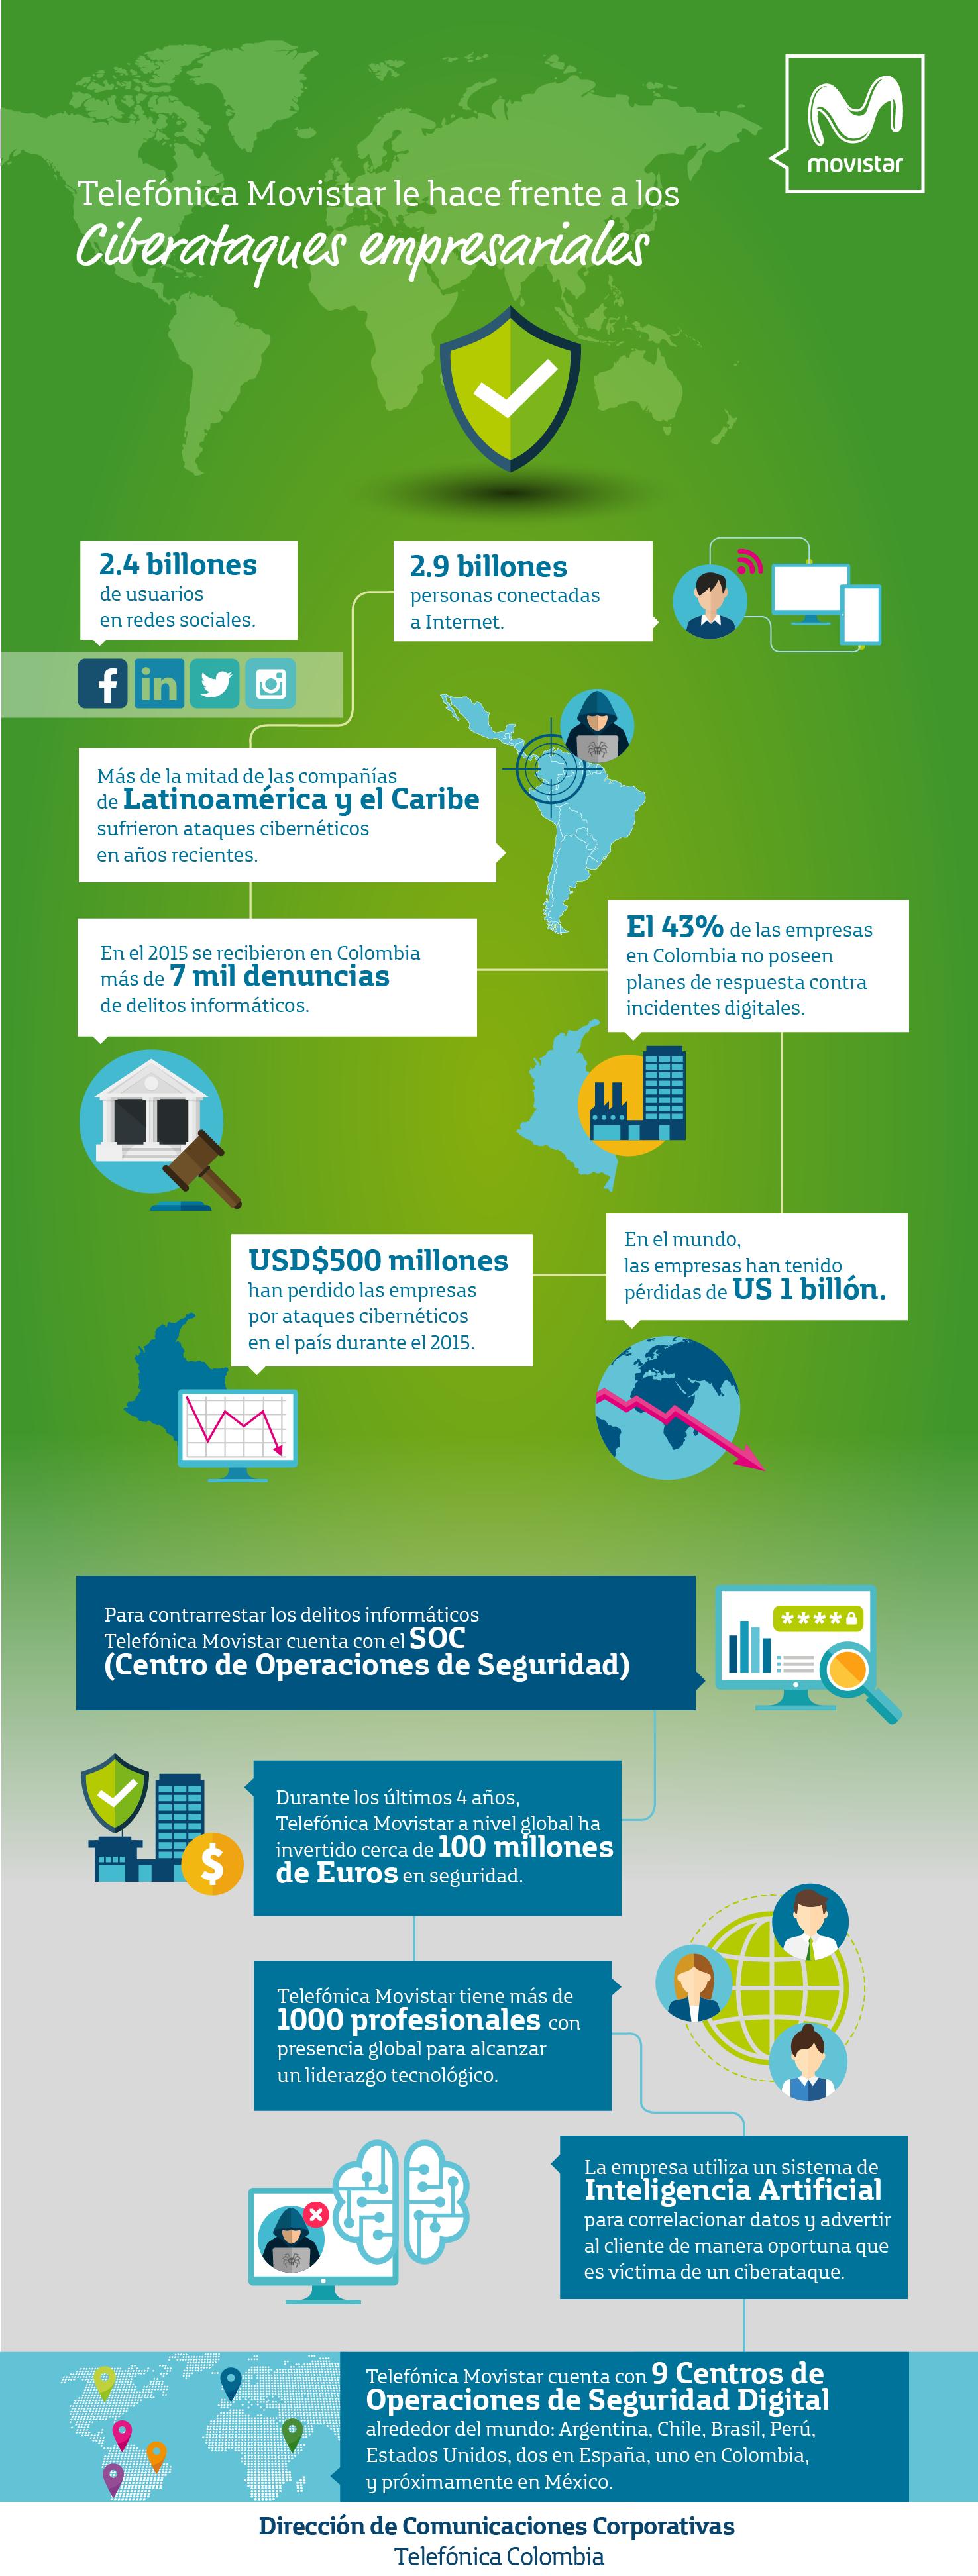 Infografia sobre Ciberataques  presentado por Telefónica Movistar